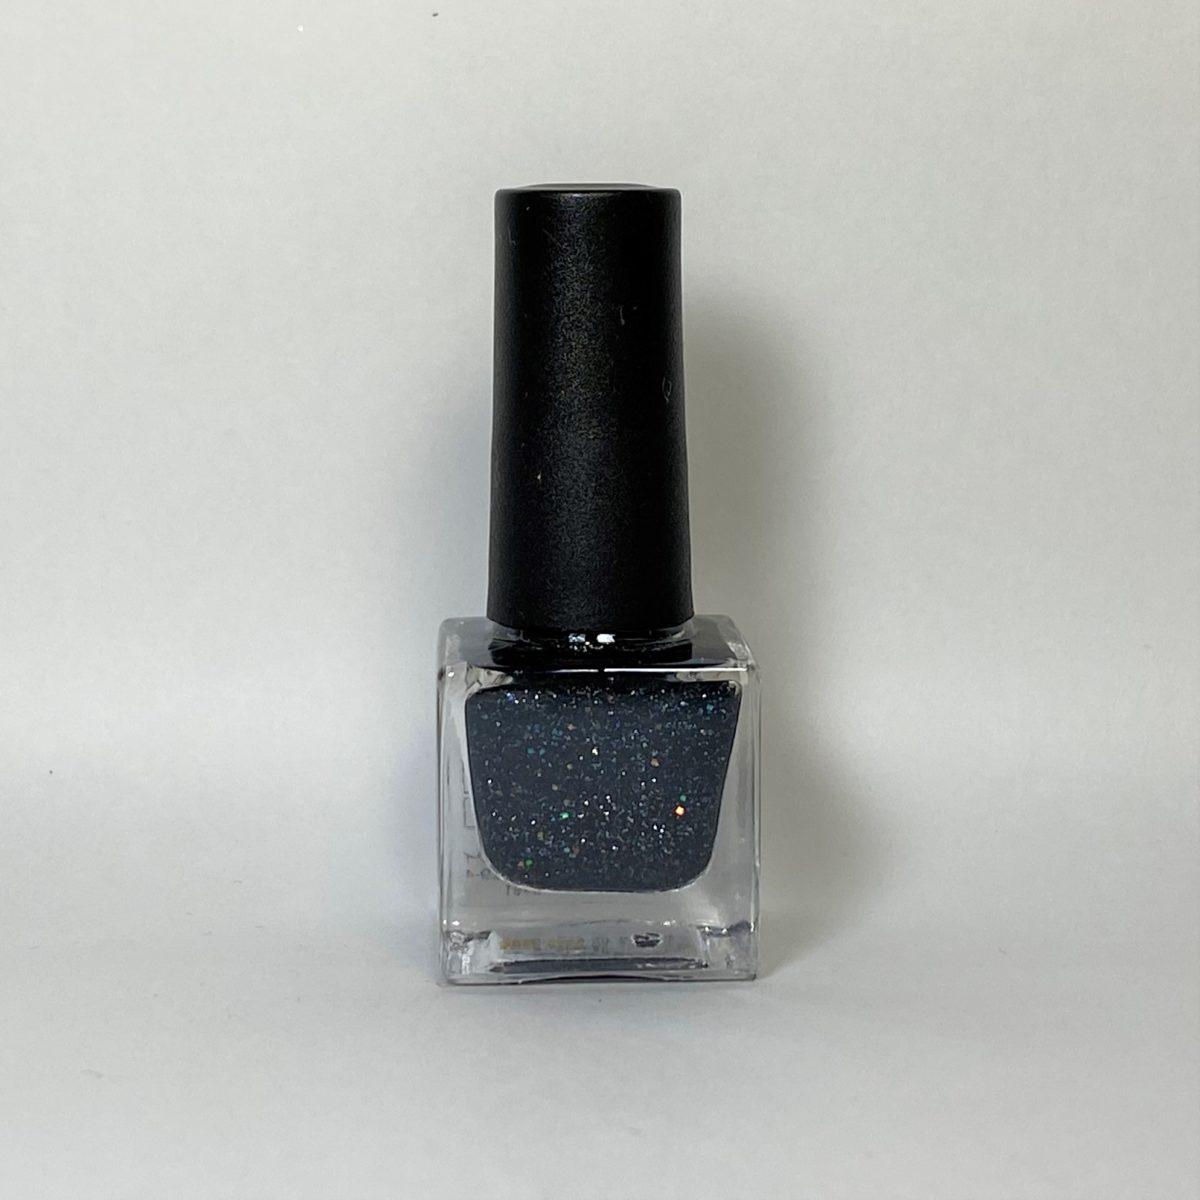 ネイルポリッシュ G03 Black